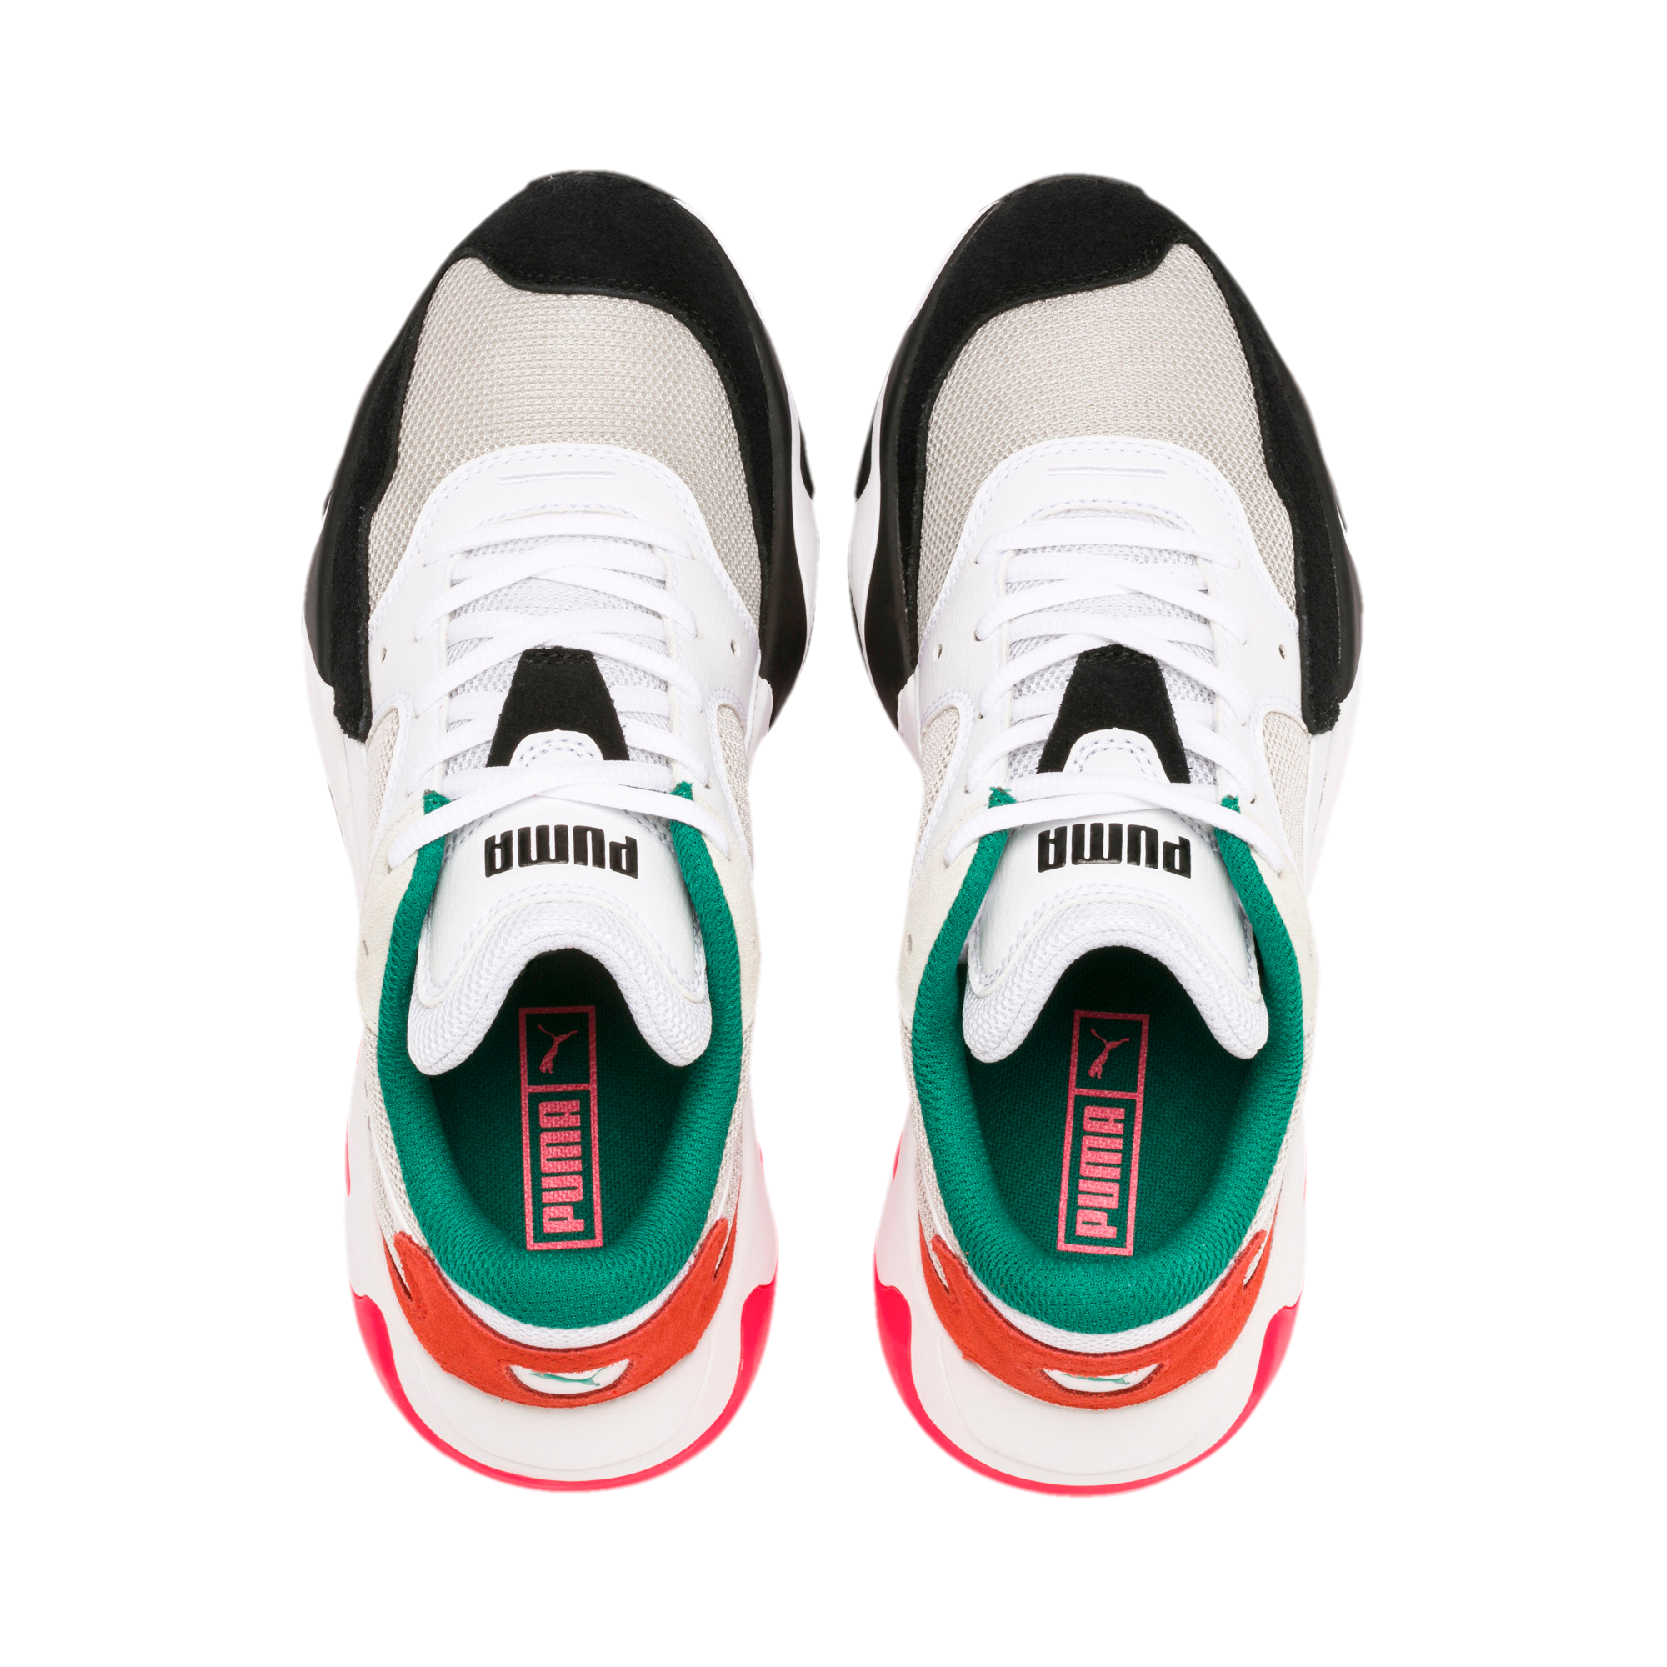 Puma Storm Origin Kadın Krem Spor Ayakkabı